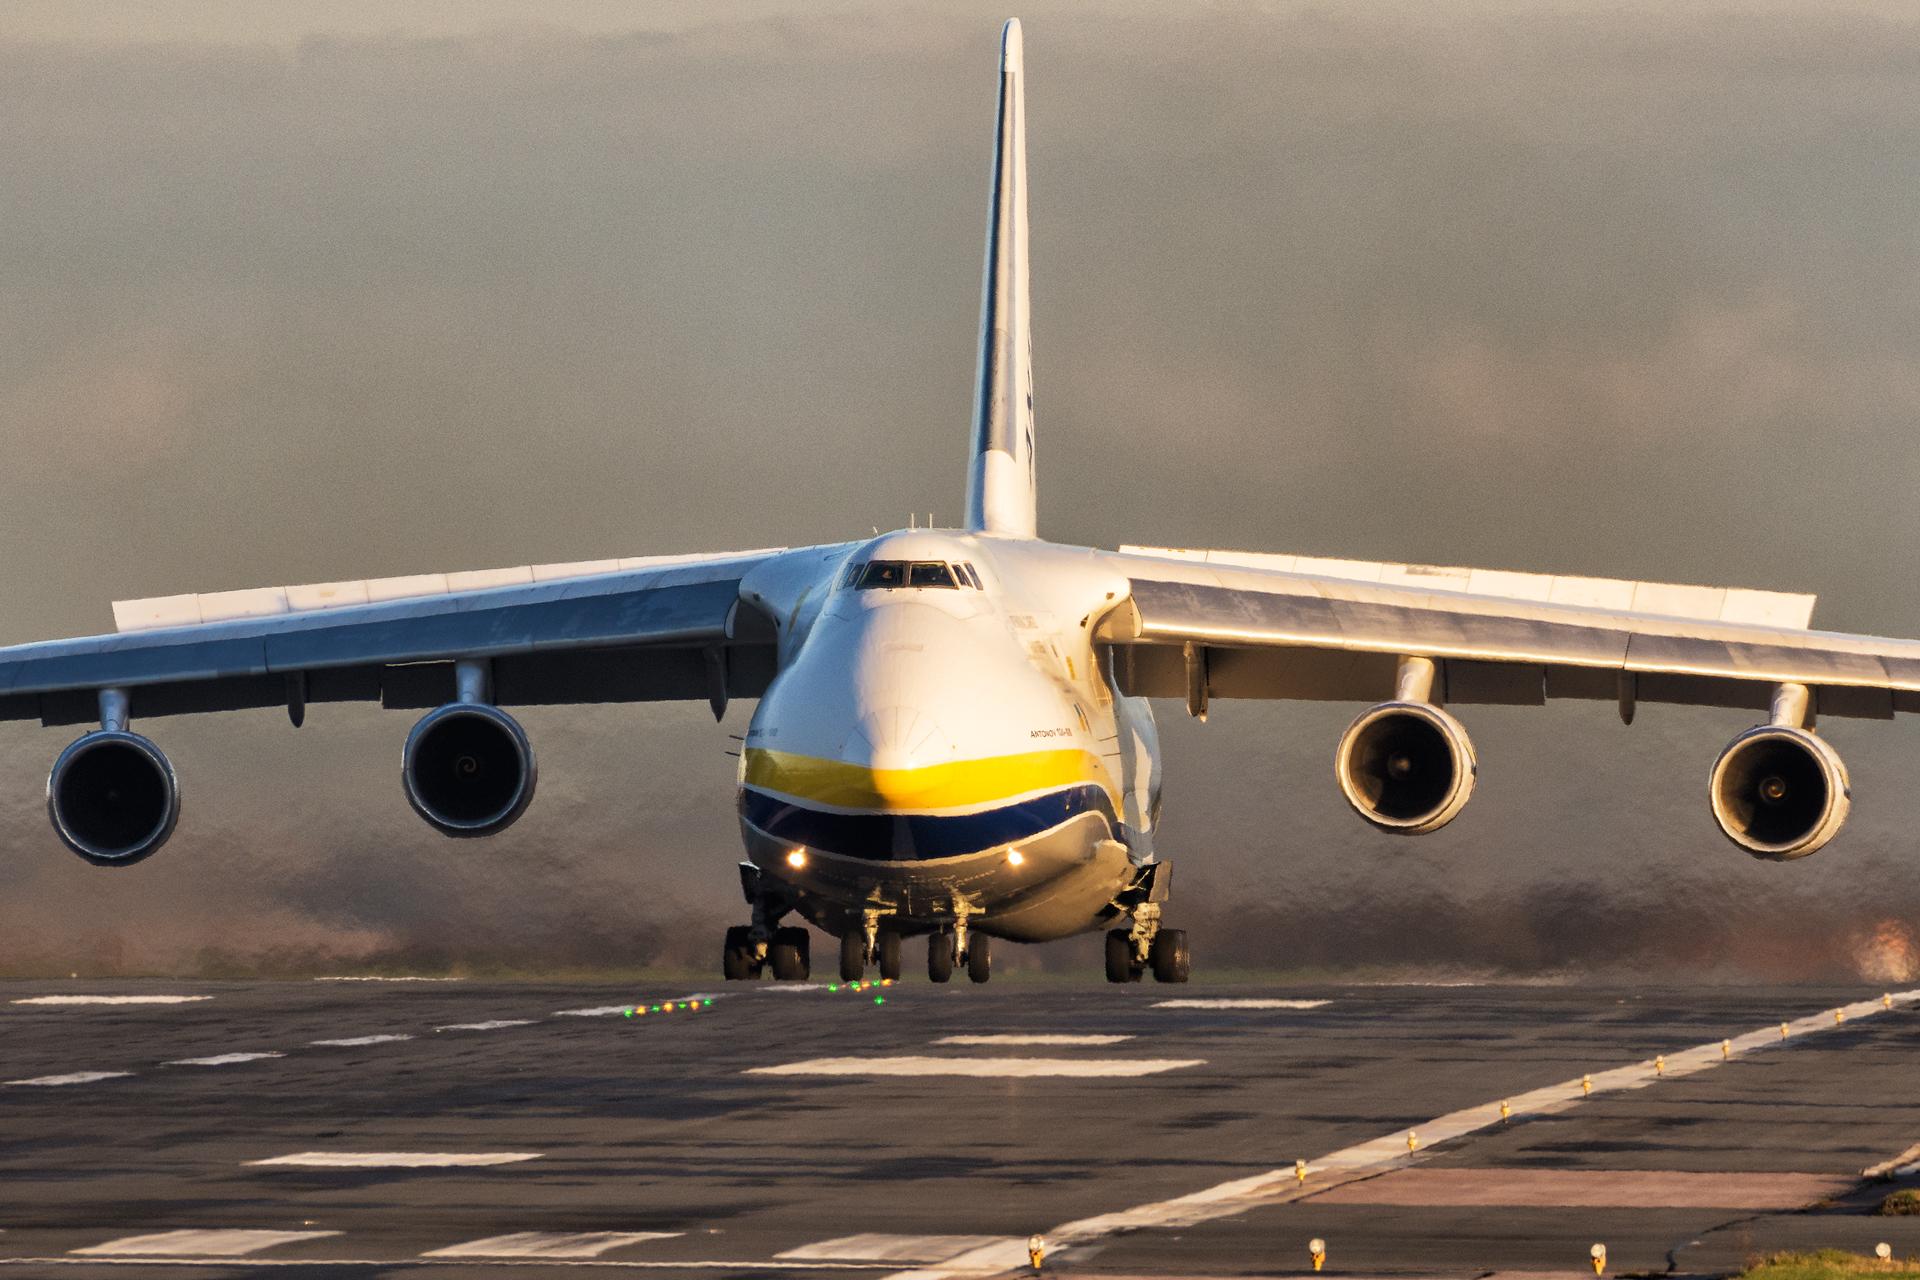 Kolejny An-124 w East Midlands